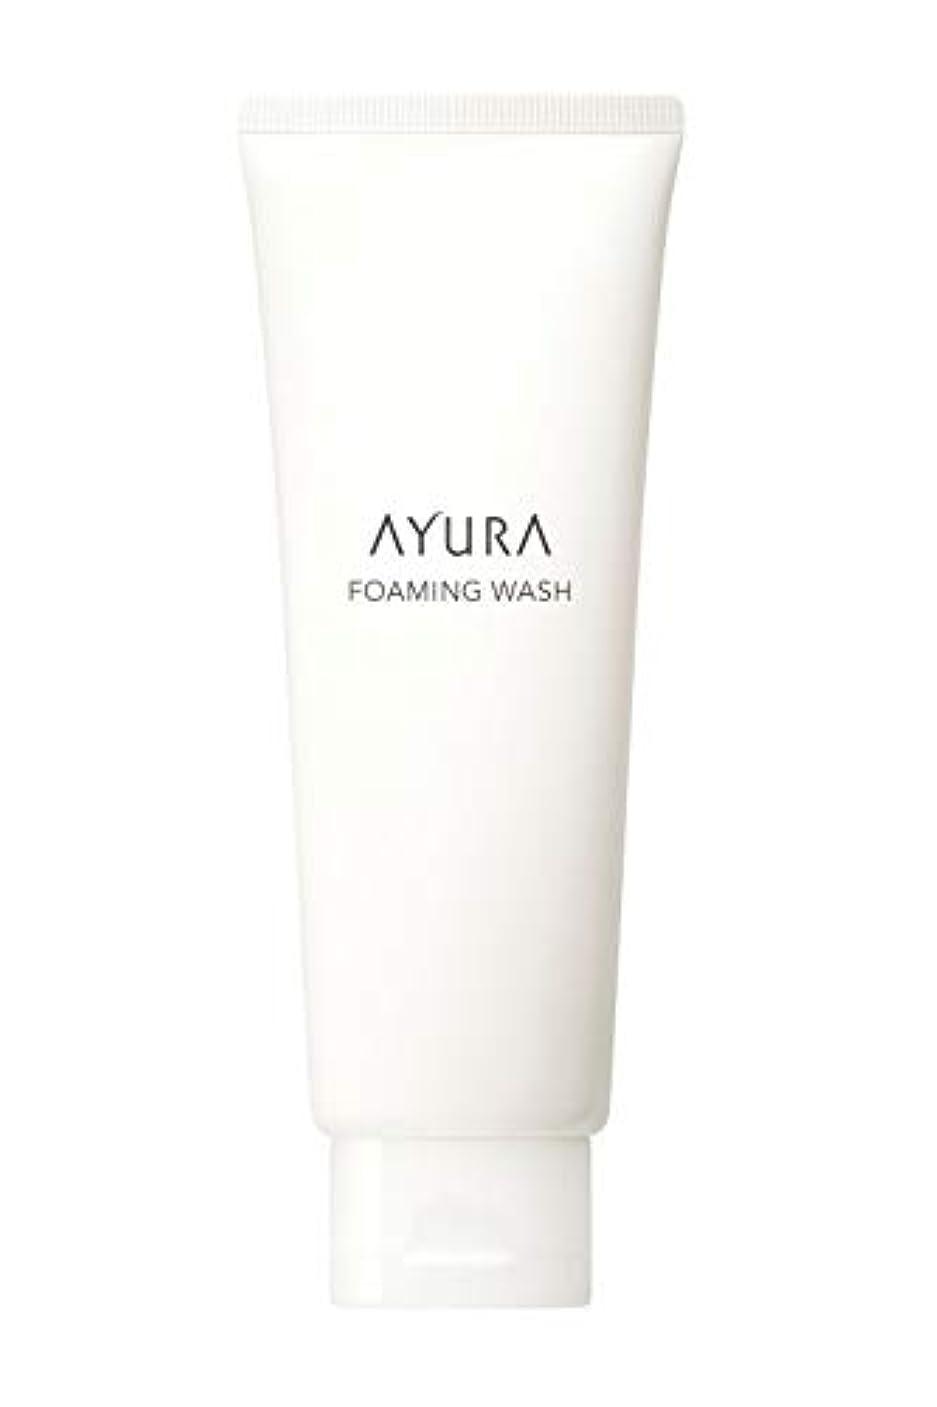 データム手のひらバックグラウンドアユーラ (AYURA) フォーミングウォッシュ 120g 〈 洗顔料 〉 肌をいたわりながら汚れを落とす つるんとやわらかな素肌へ 洗うたびにうるおいを与えるもっちり濃密泡の洗顔料